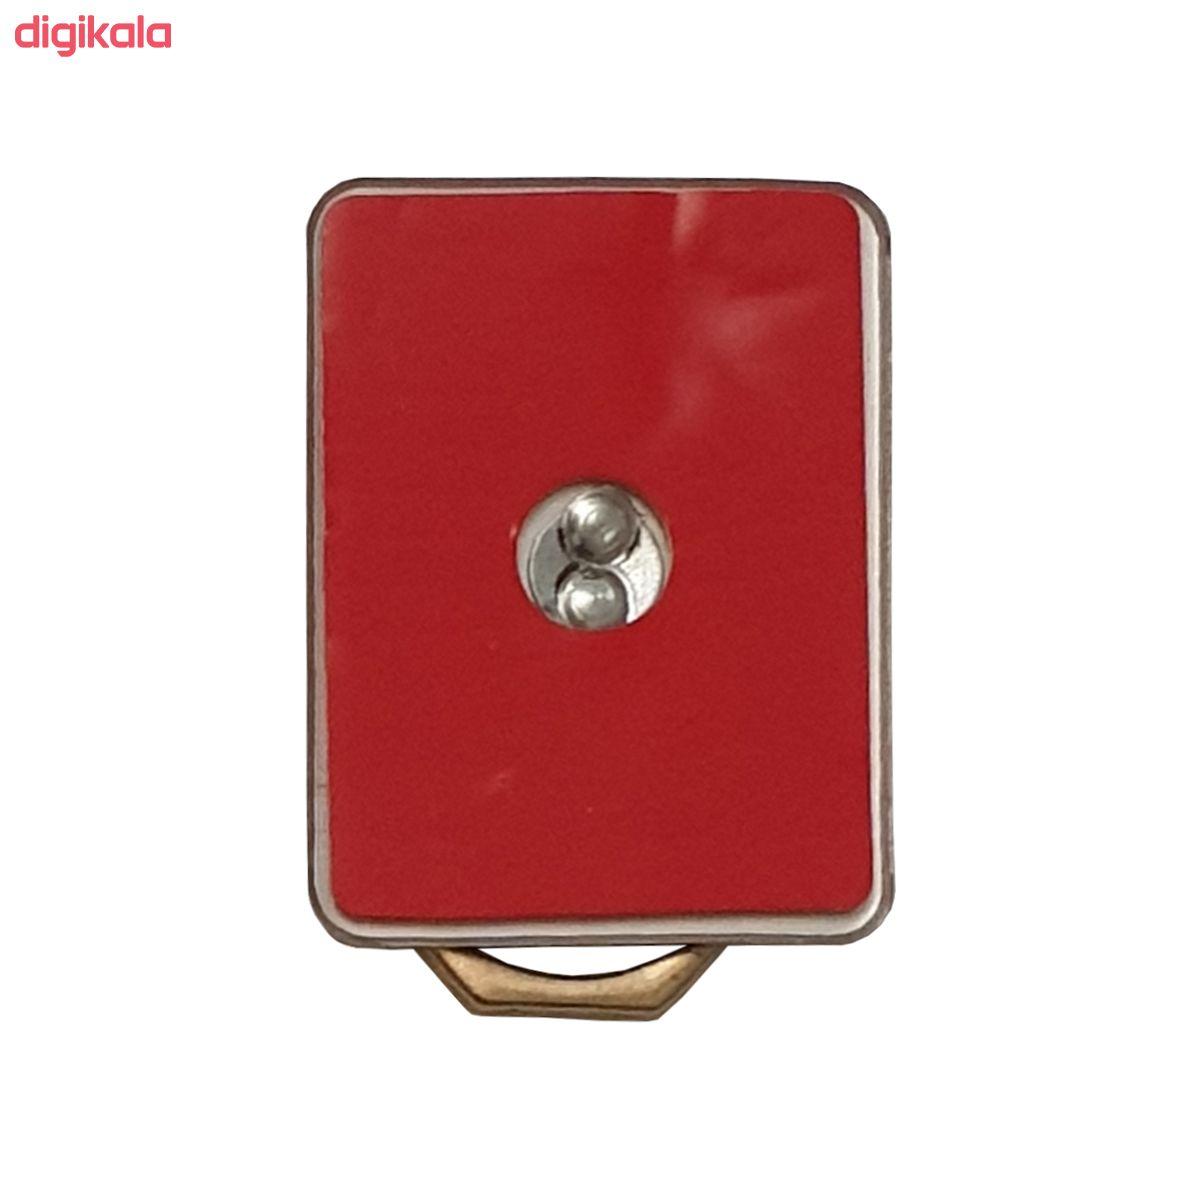 حلقه نگهدارنده گوشی موبایل سامسونگ مدل RNG-01 main 1 4